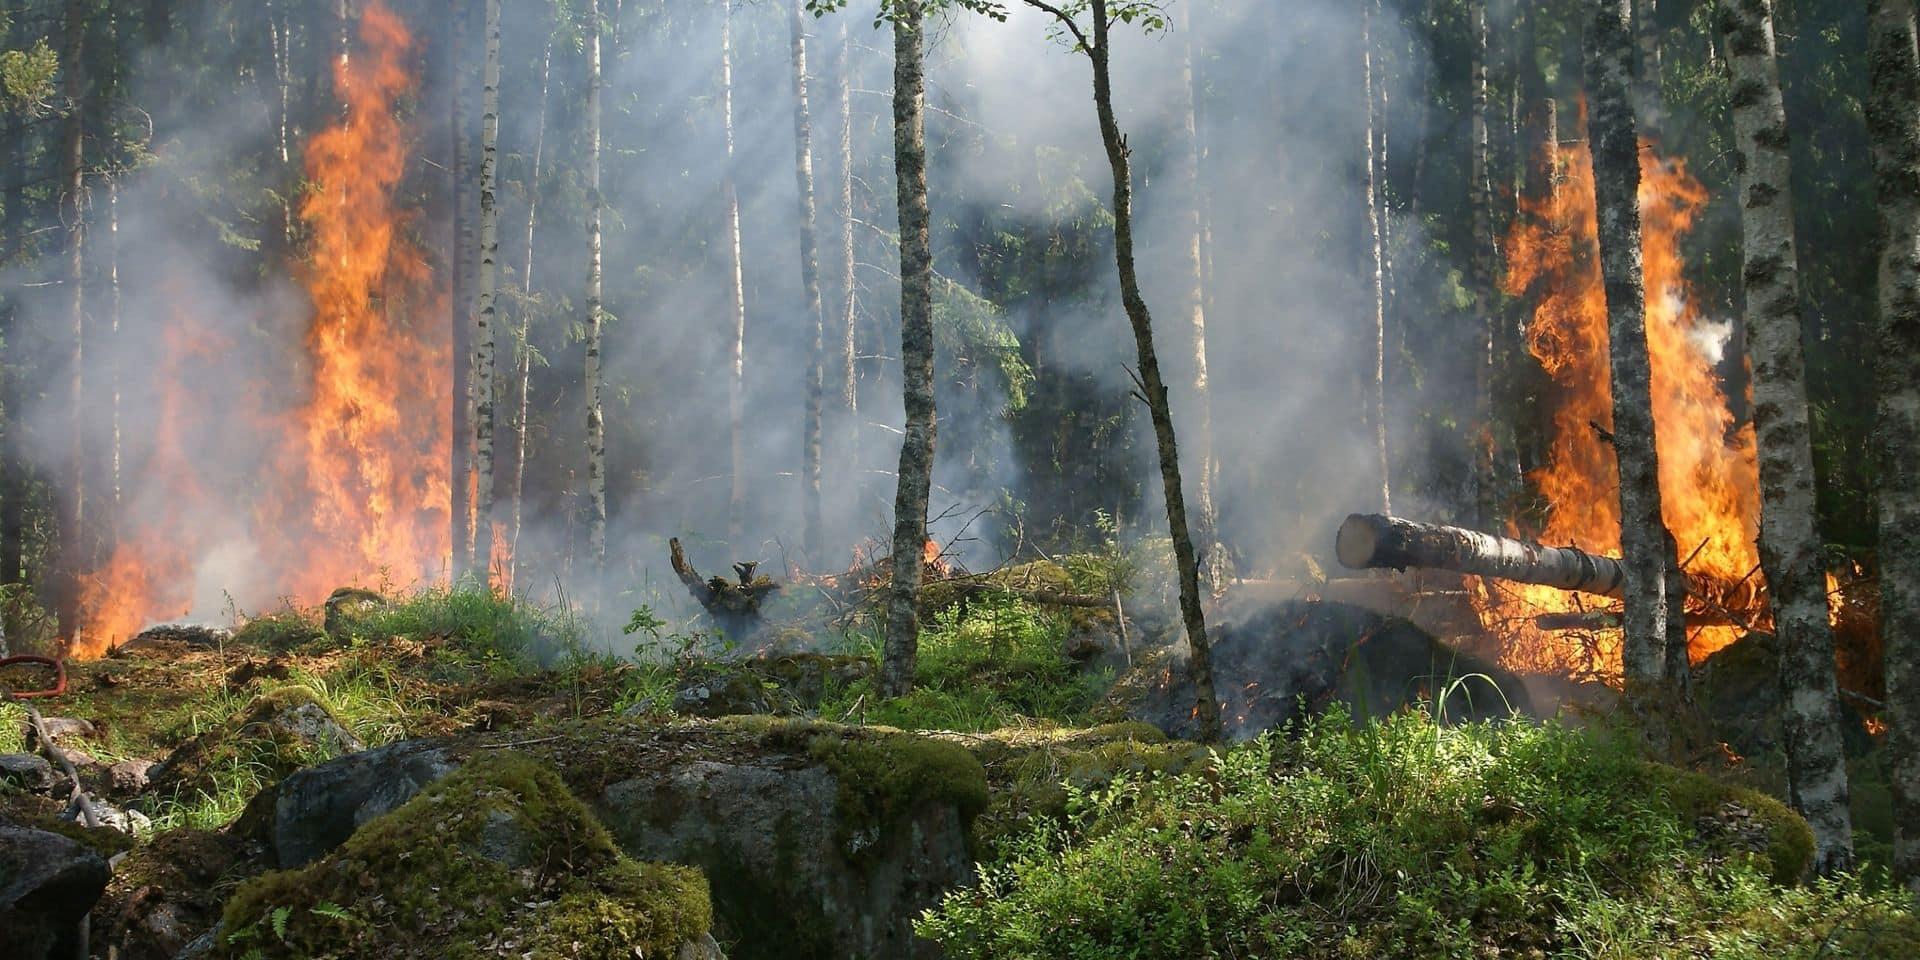 Les feux de forêt dans le monde ont émis plus de CO2 que les Etats-Unis dans leur ensemble